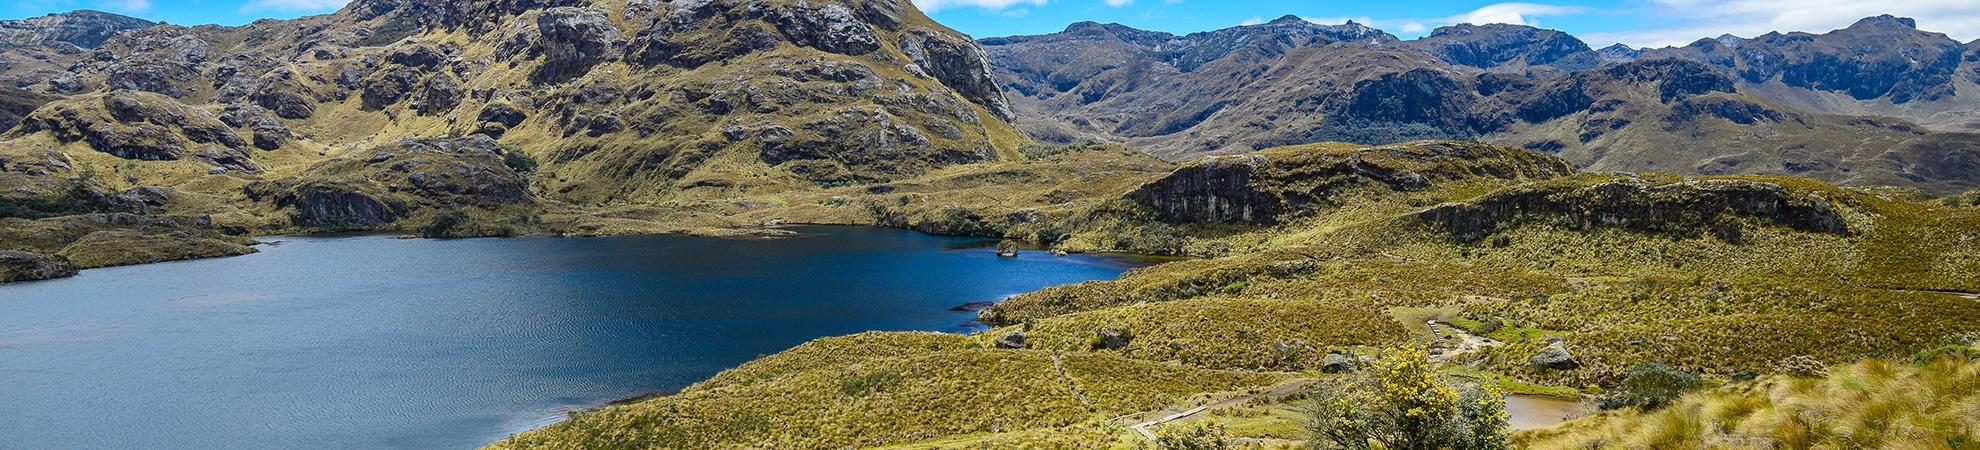 Voyage Parc National El Cajas